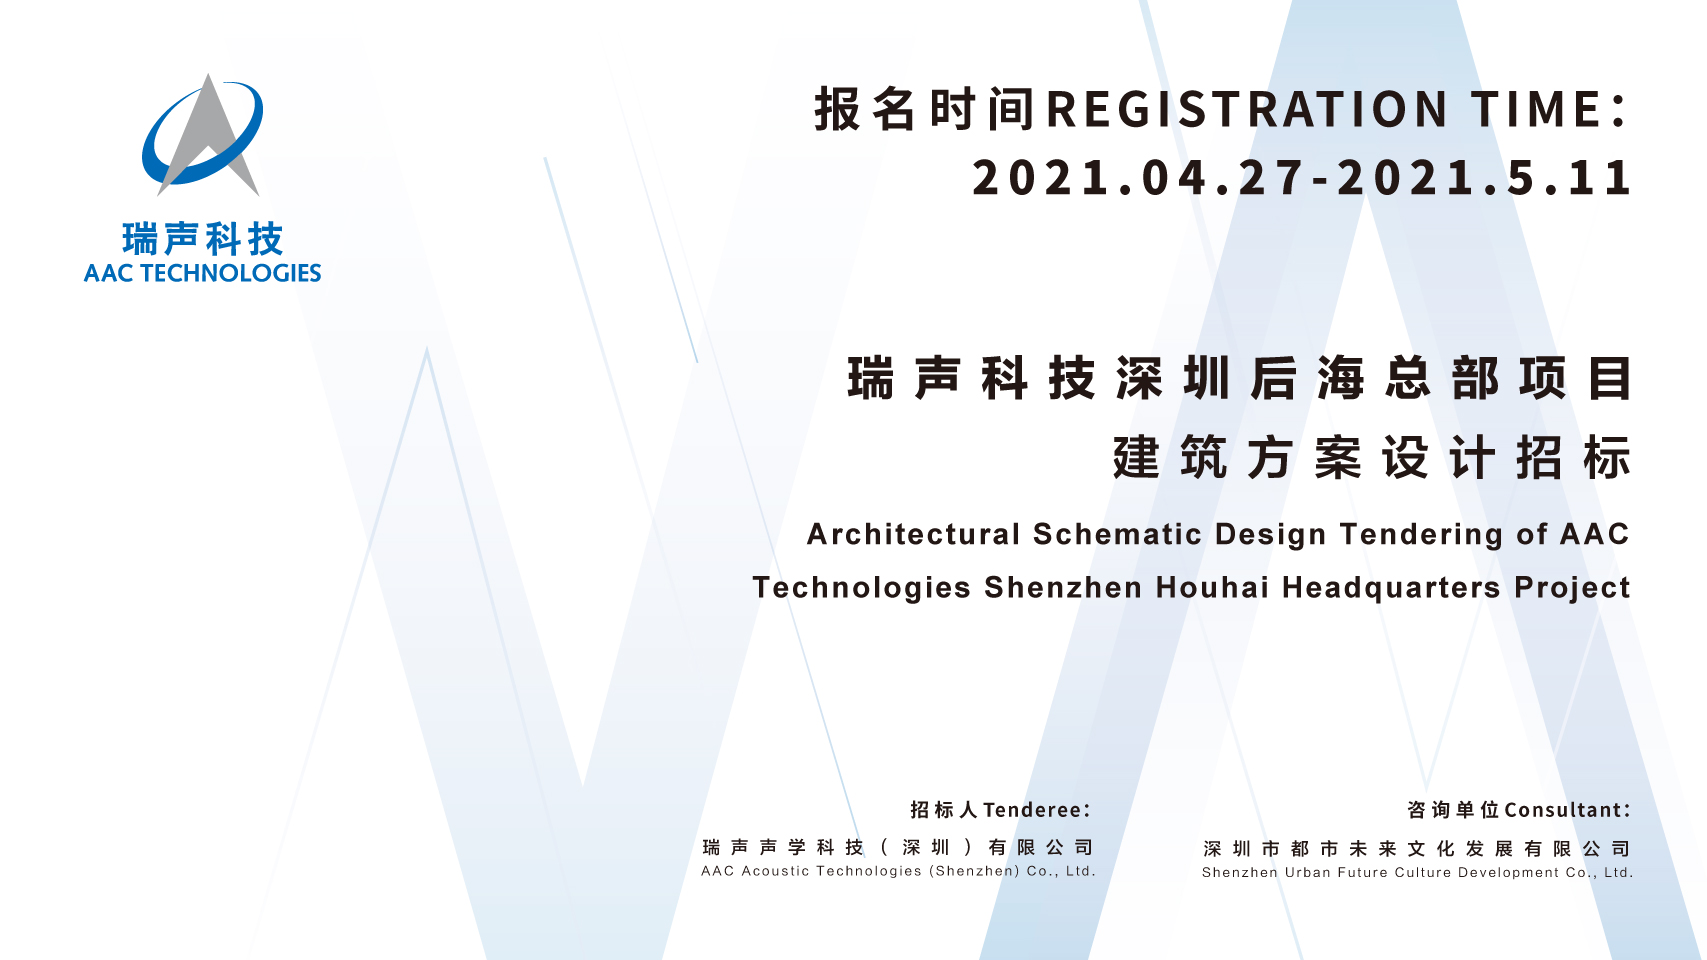 瑞声科技深圳后海总部项目建筑方案设计招标正式公告